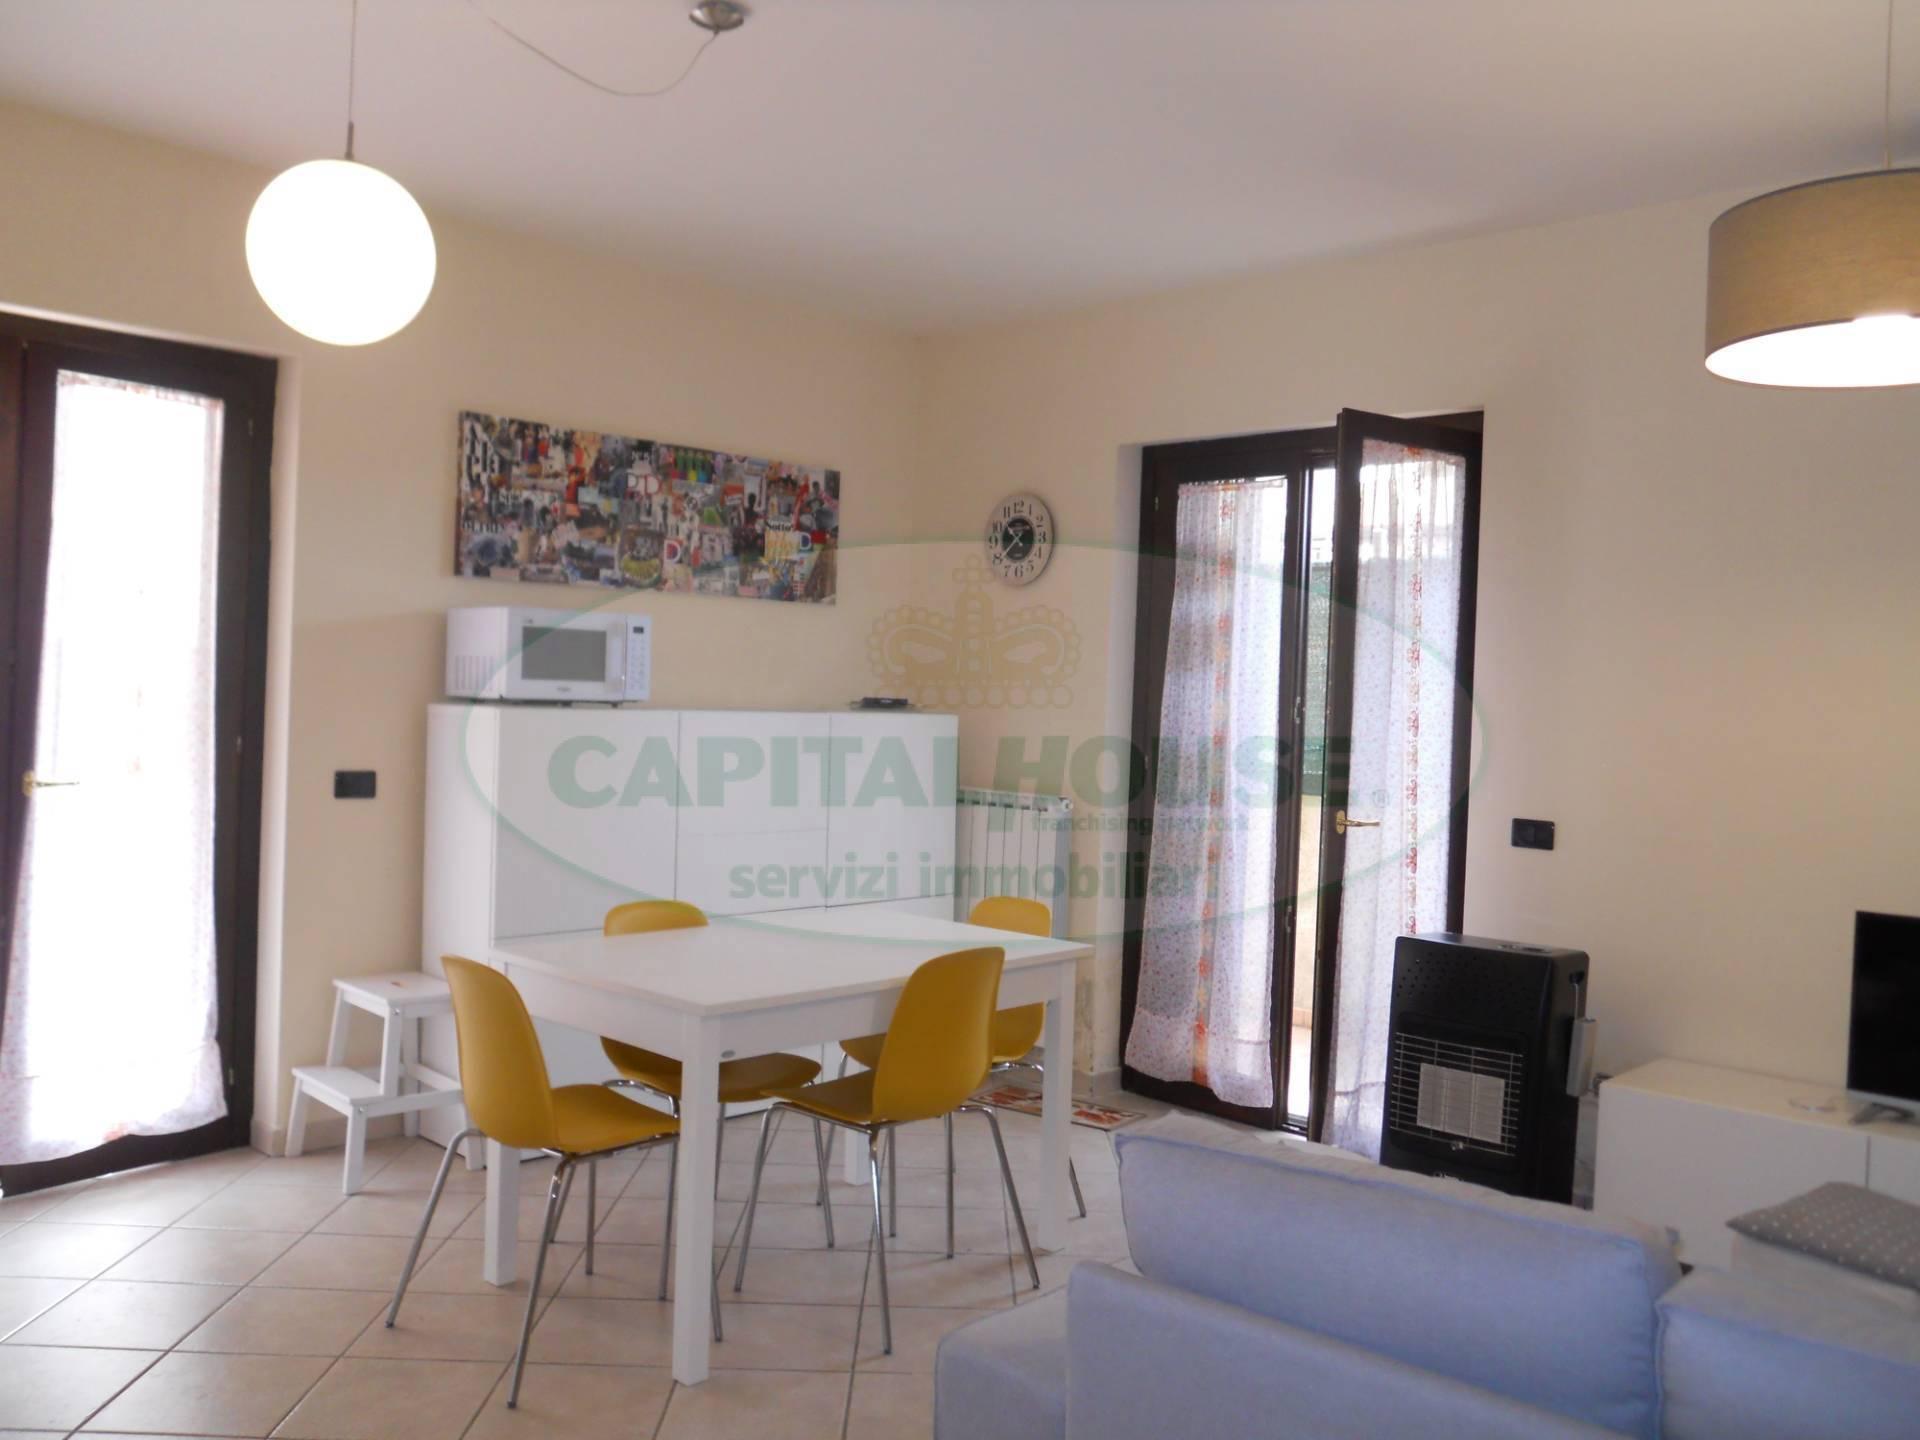 Appartamento in vendita a Vitulazio, 3 locali, prezzo € 78.000 | PortaleAgenzieImmobiliari.it